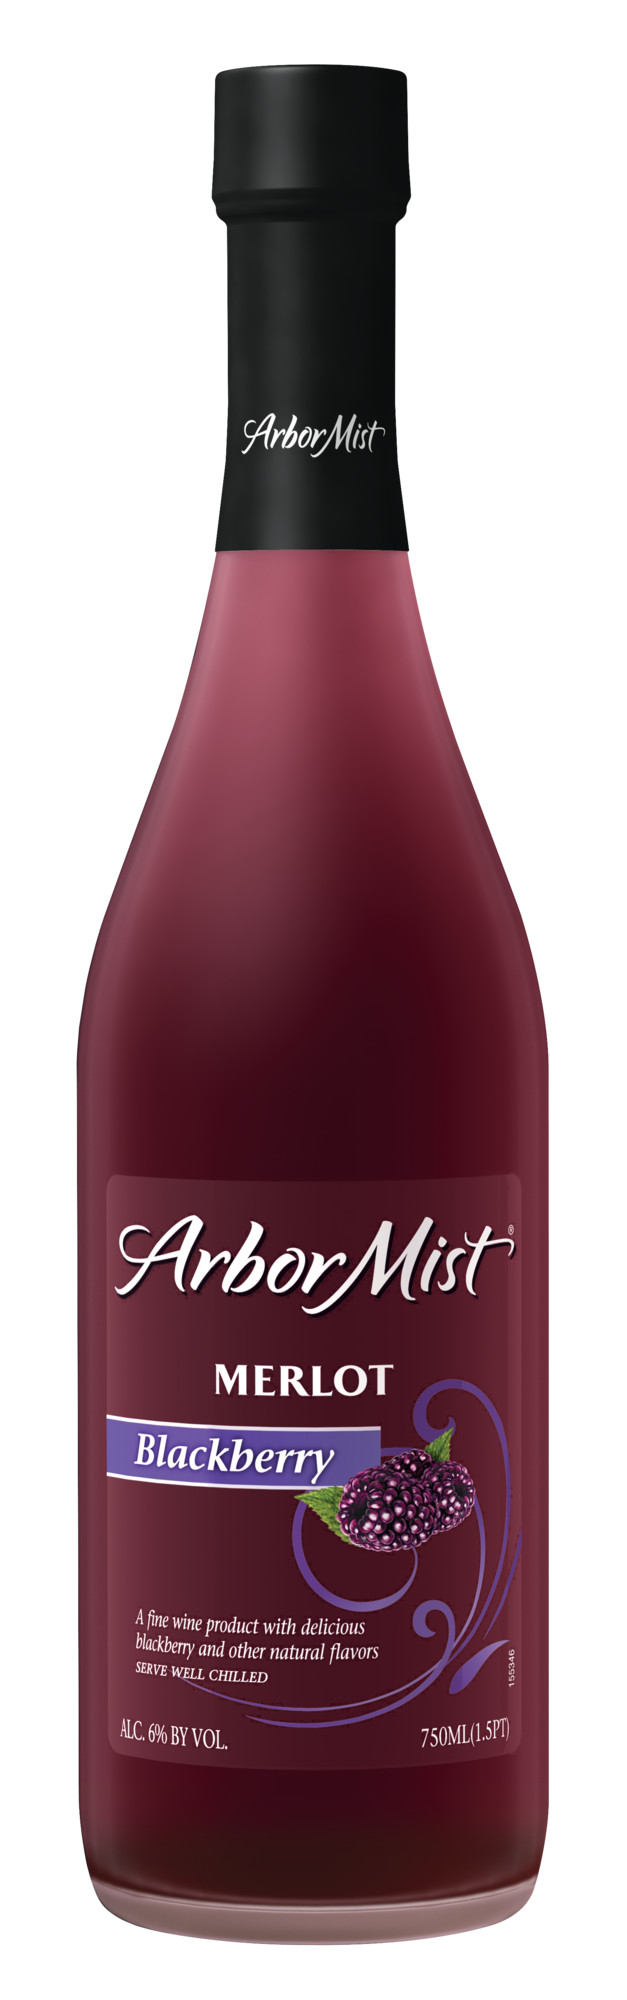 Arbor Mist Blackberry Merlot Fruit Wine 750 mL Bottle ...